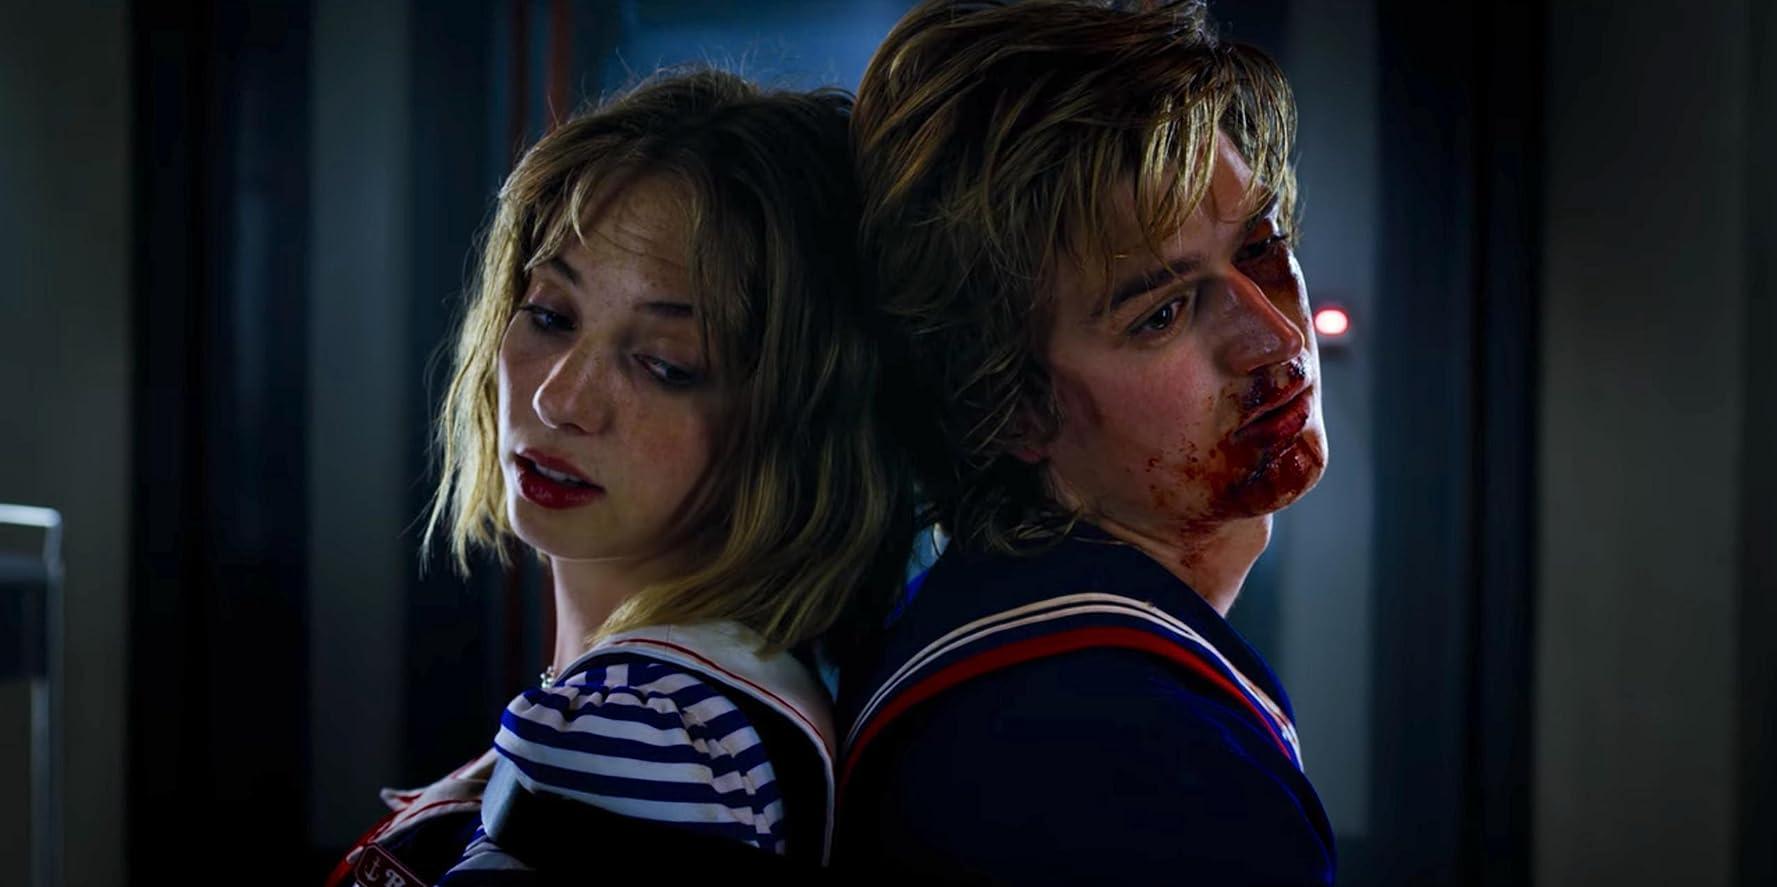 Maya Hawke and Joe Keery in Stranger Things (2016)